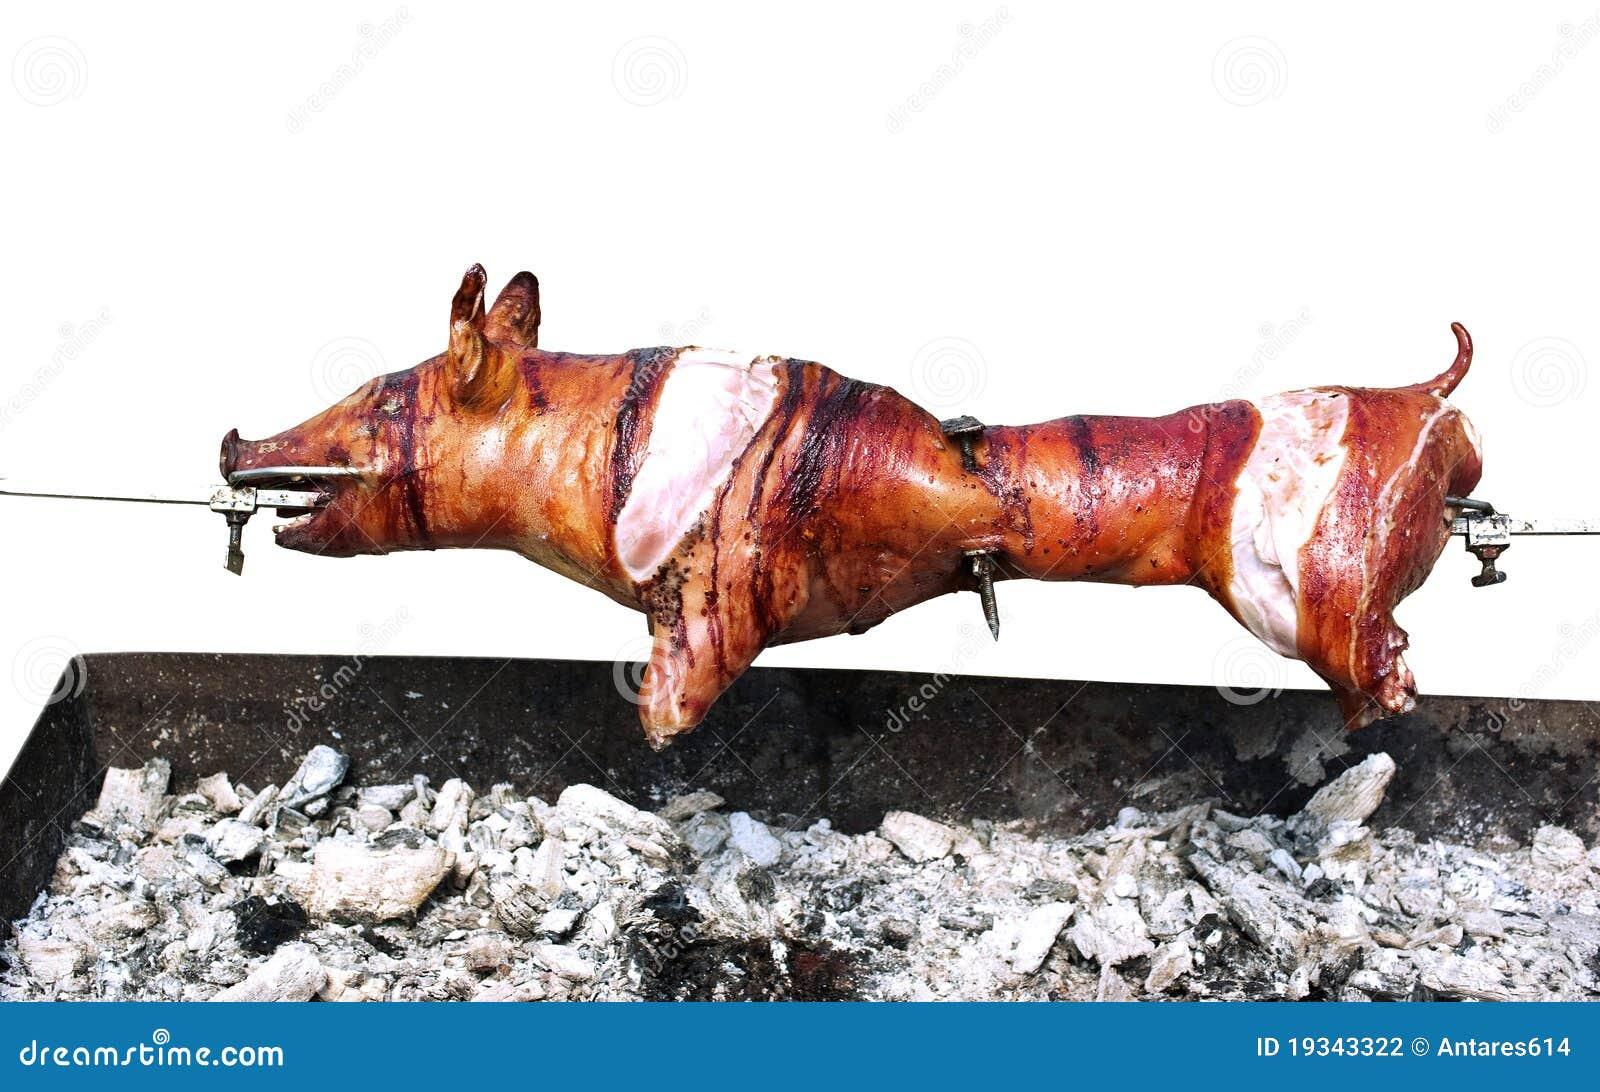 Porco grelhado